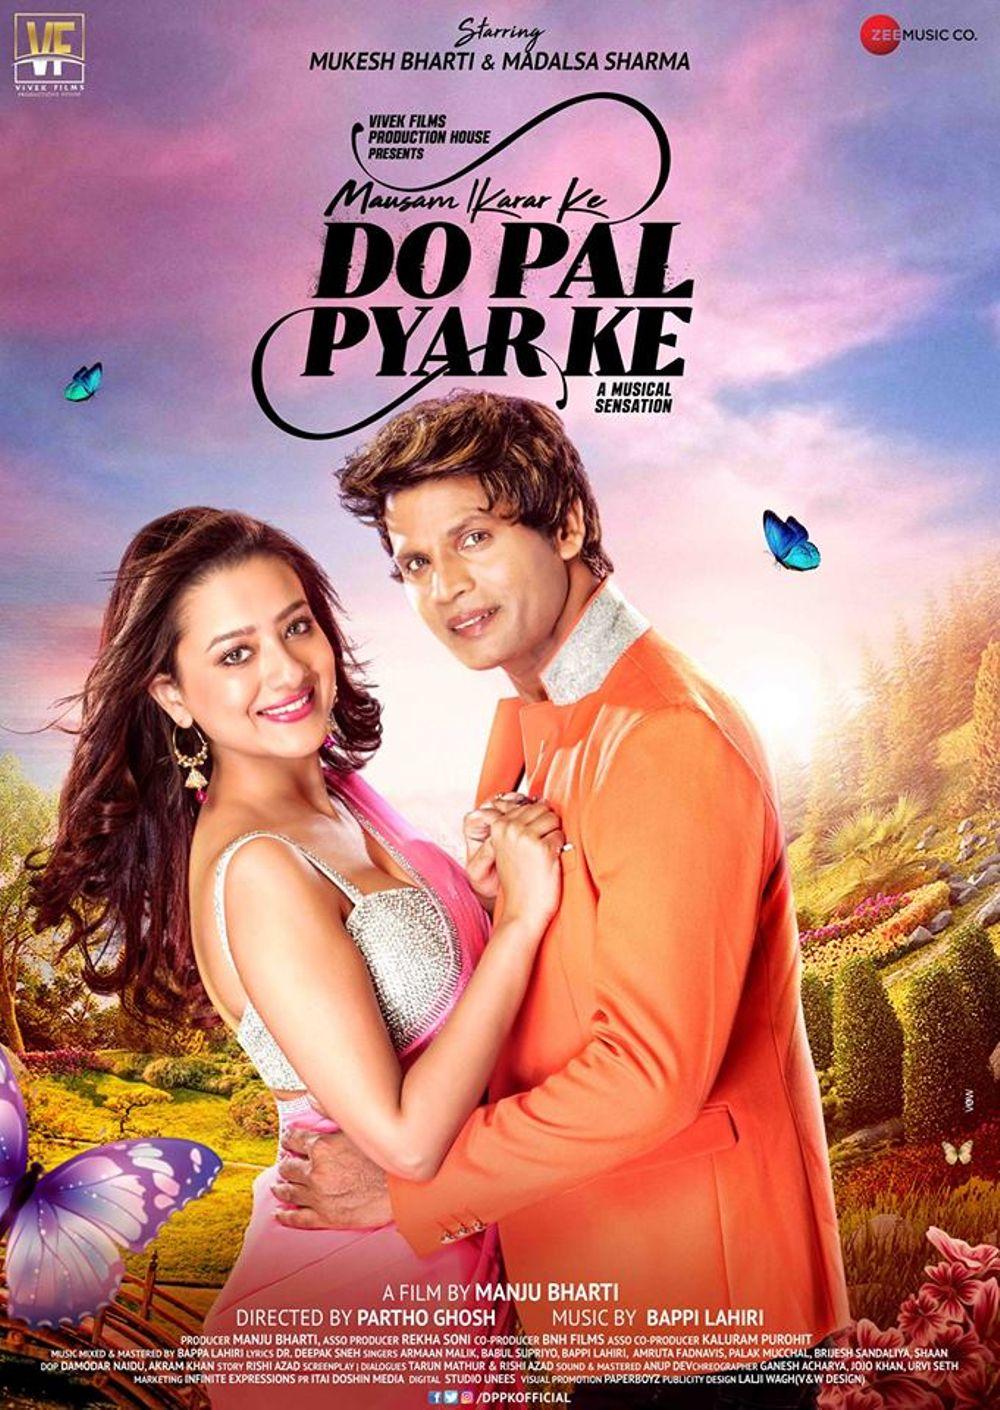 Mausam Ikrar Ke Do Pal Pyar Ke  Movie Review Hindi Movie Review